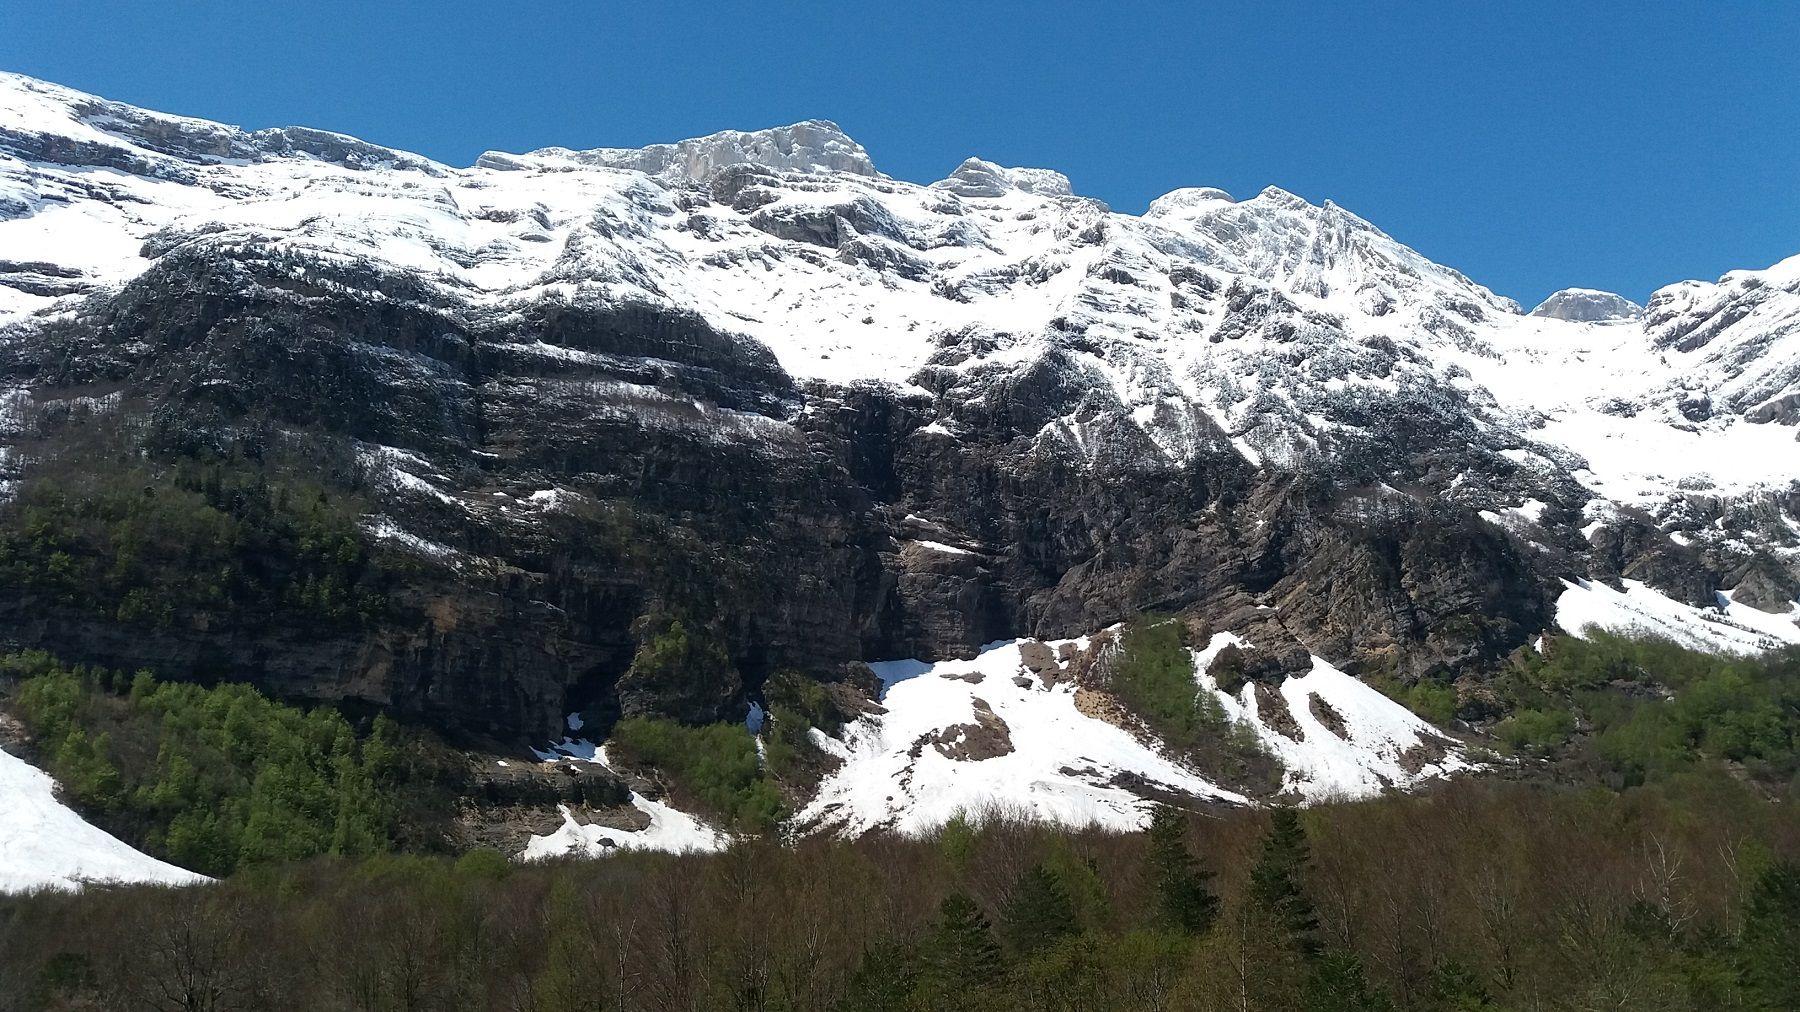 Valle de Pineta, imagen realizada en mayo de 2018. Foto: SobrarbeDigital